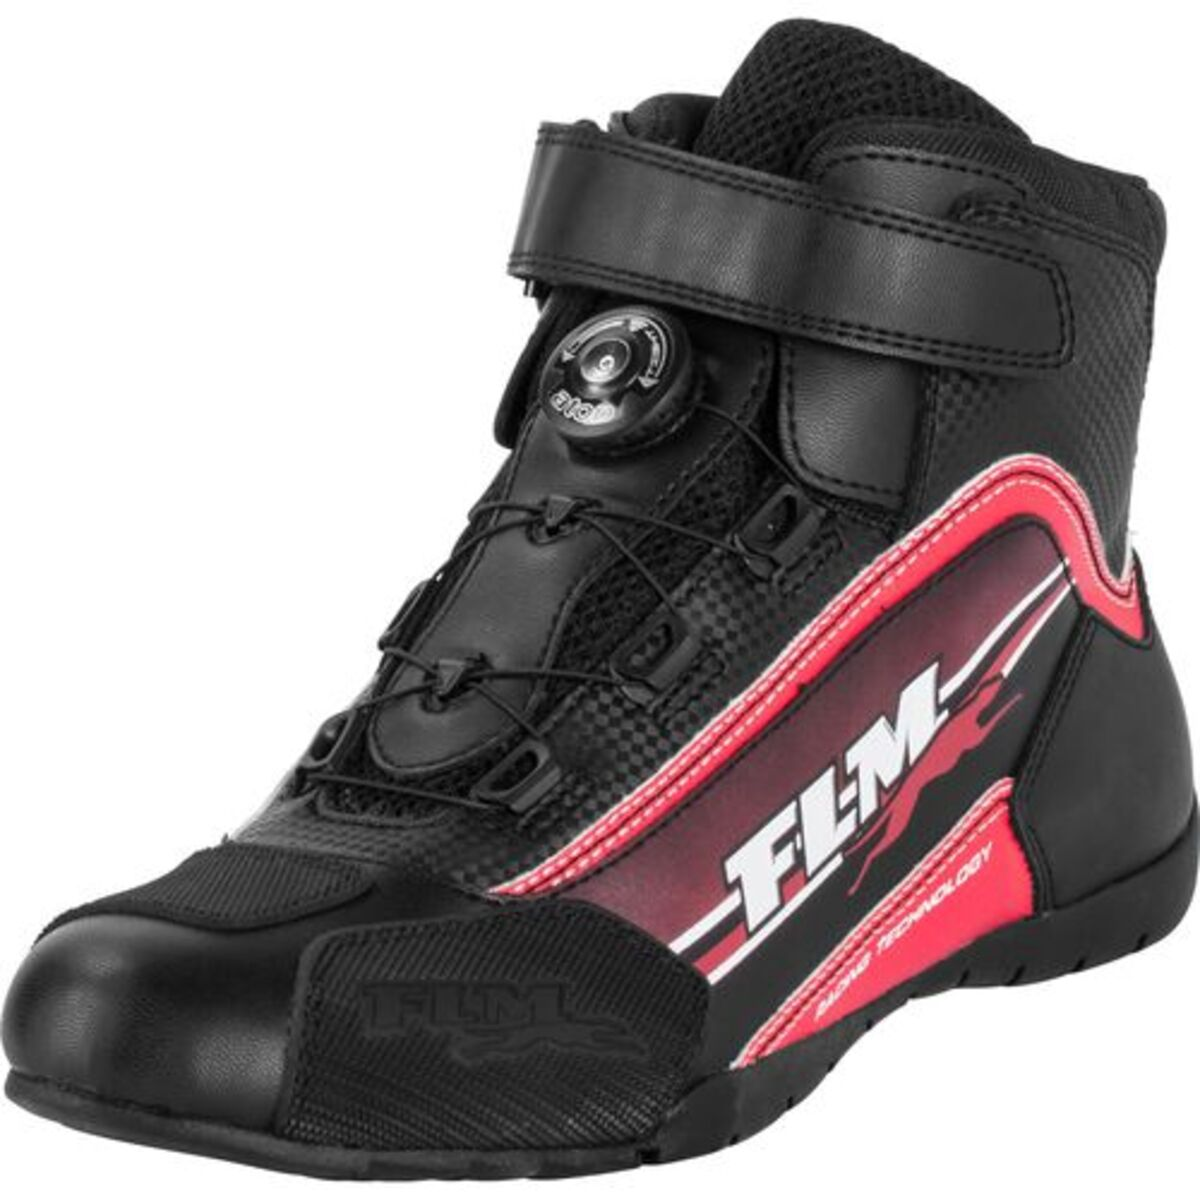 Bild 1 von FLM            Sports Schuh 1.2 schwarz/rot